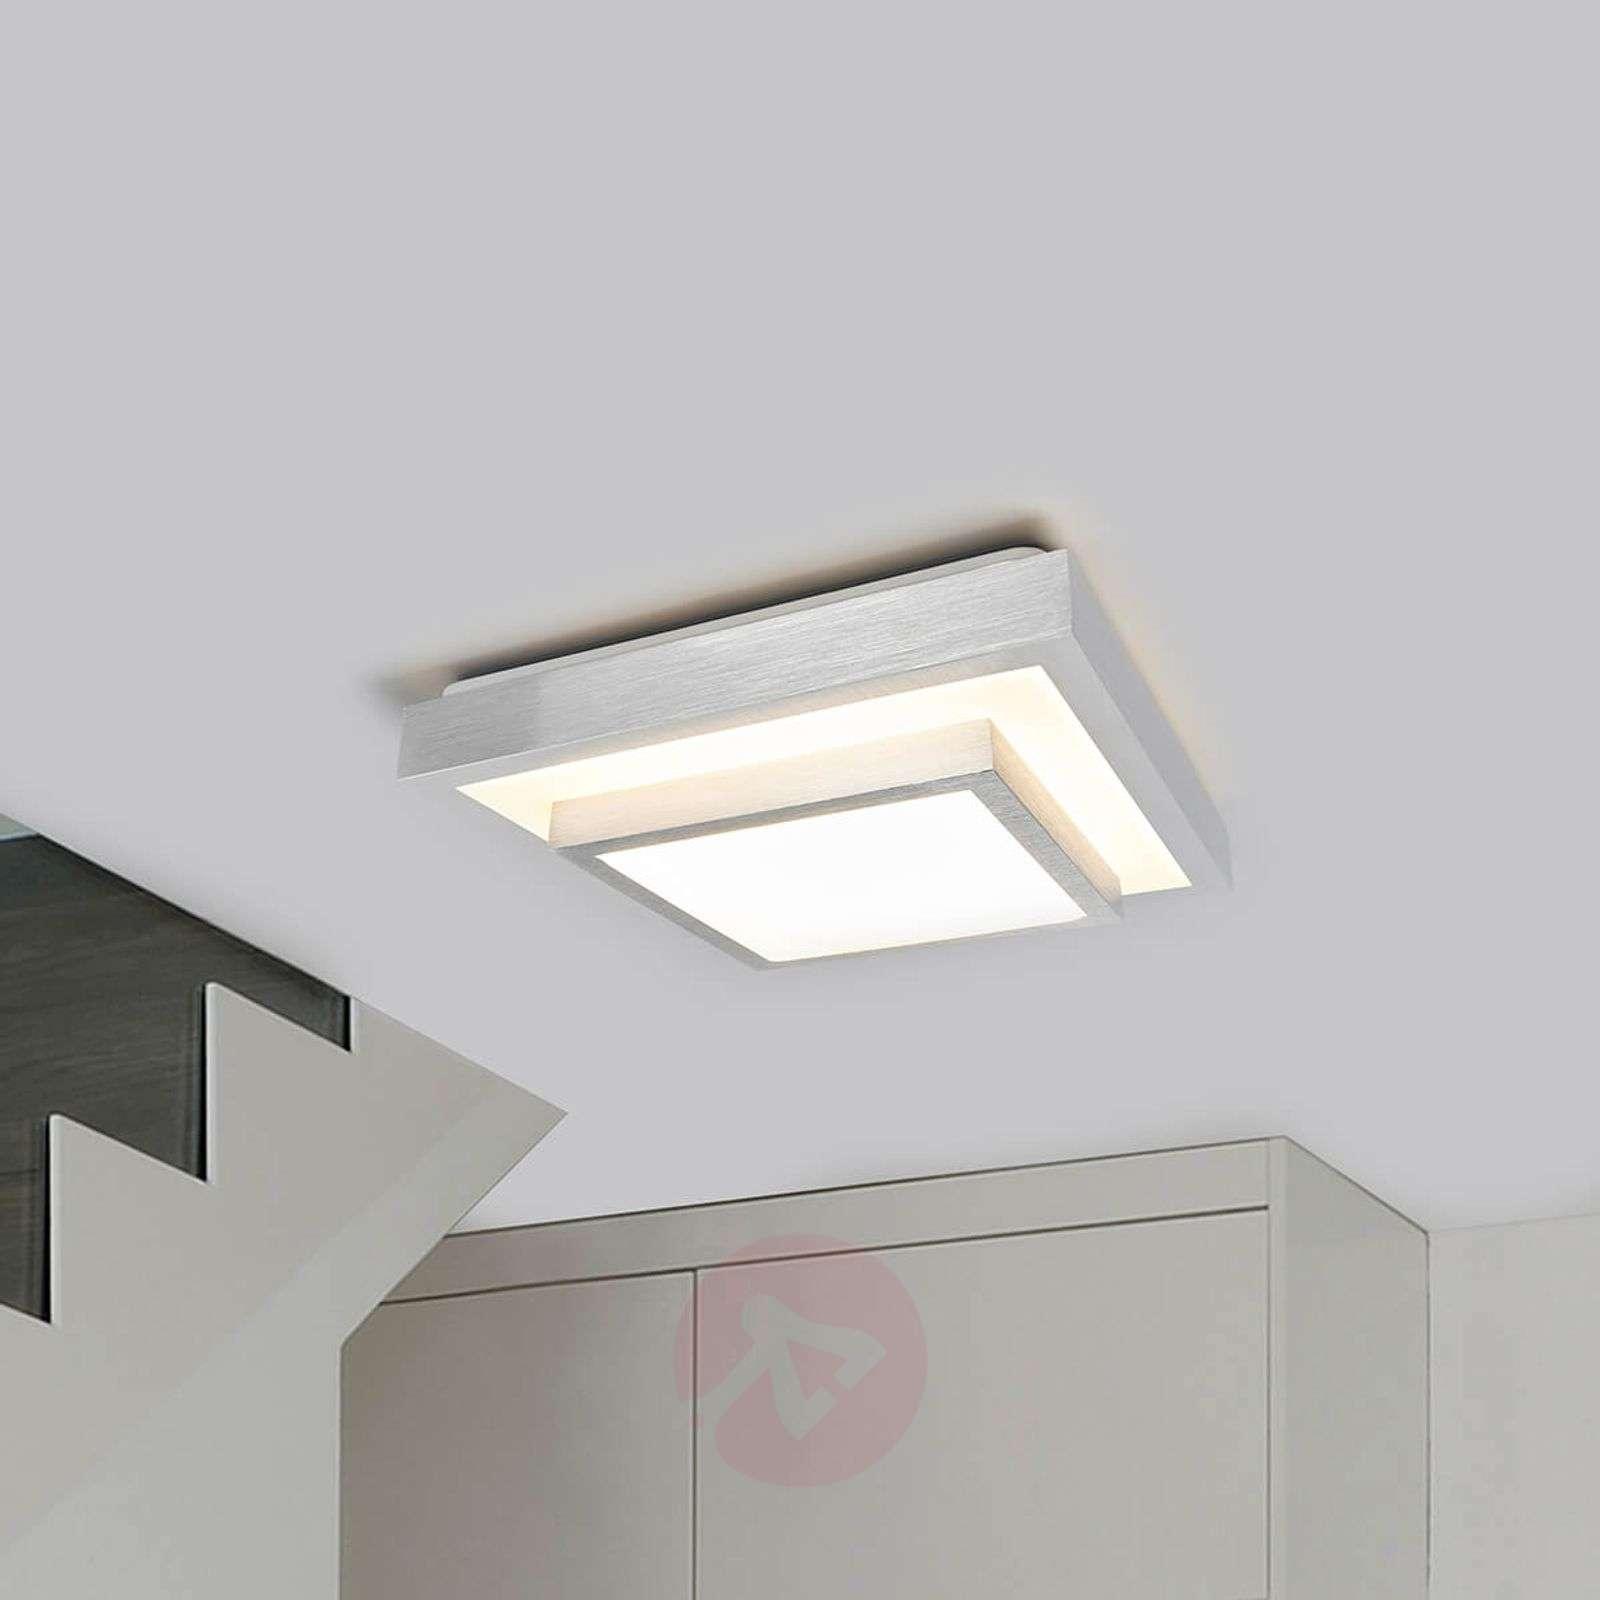 Huberta – LED-kattolampussa alumiininvärinen kehys-9974015-01